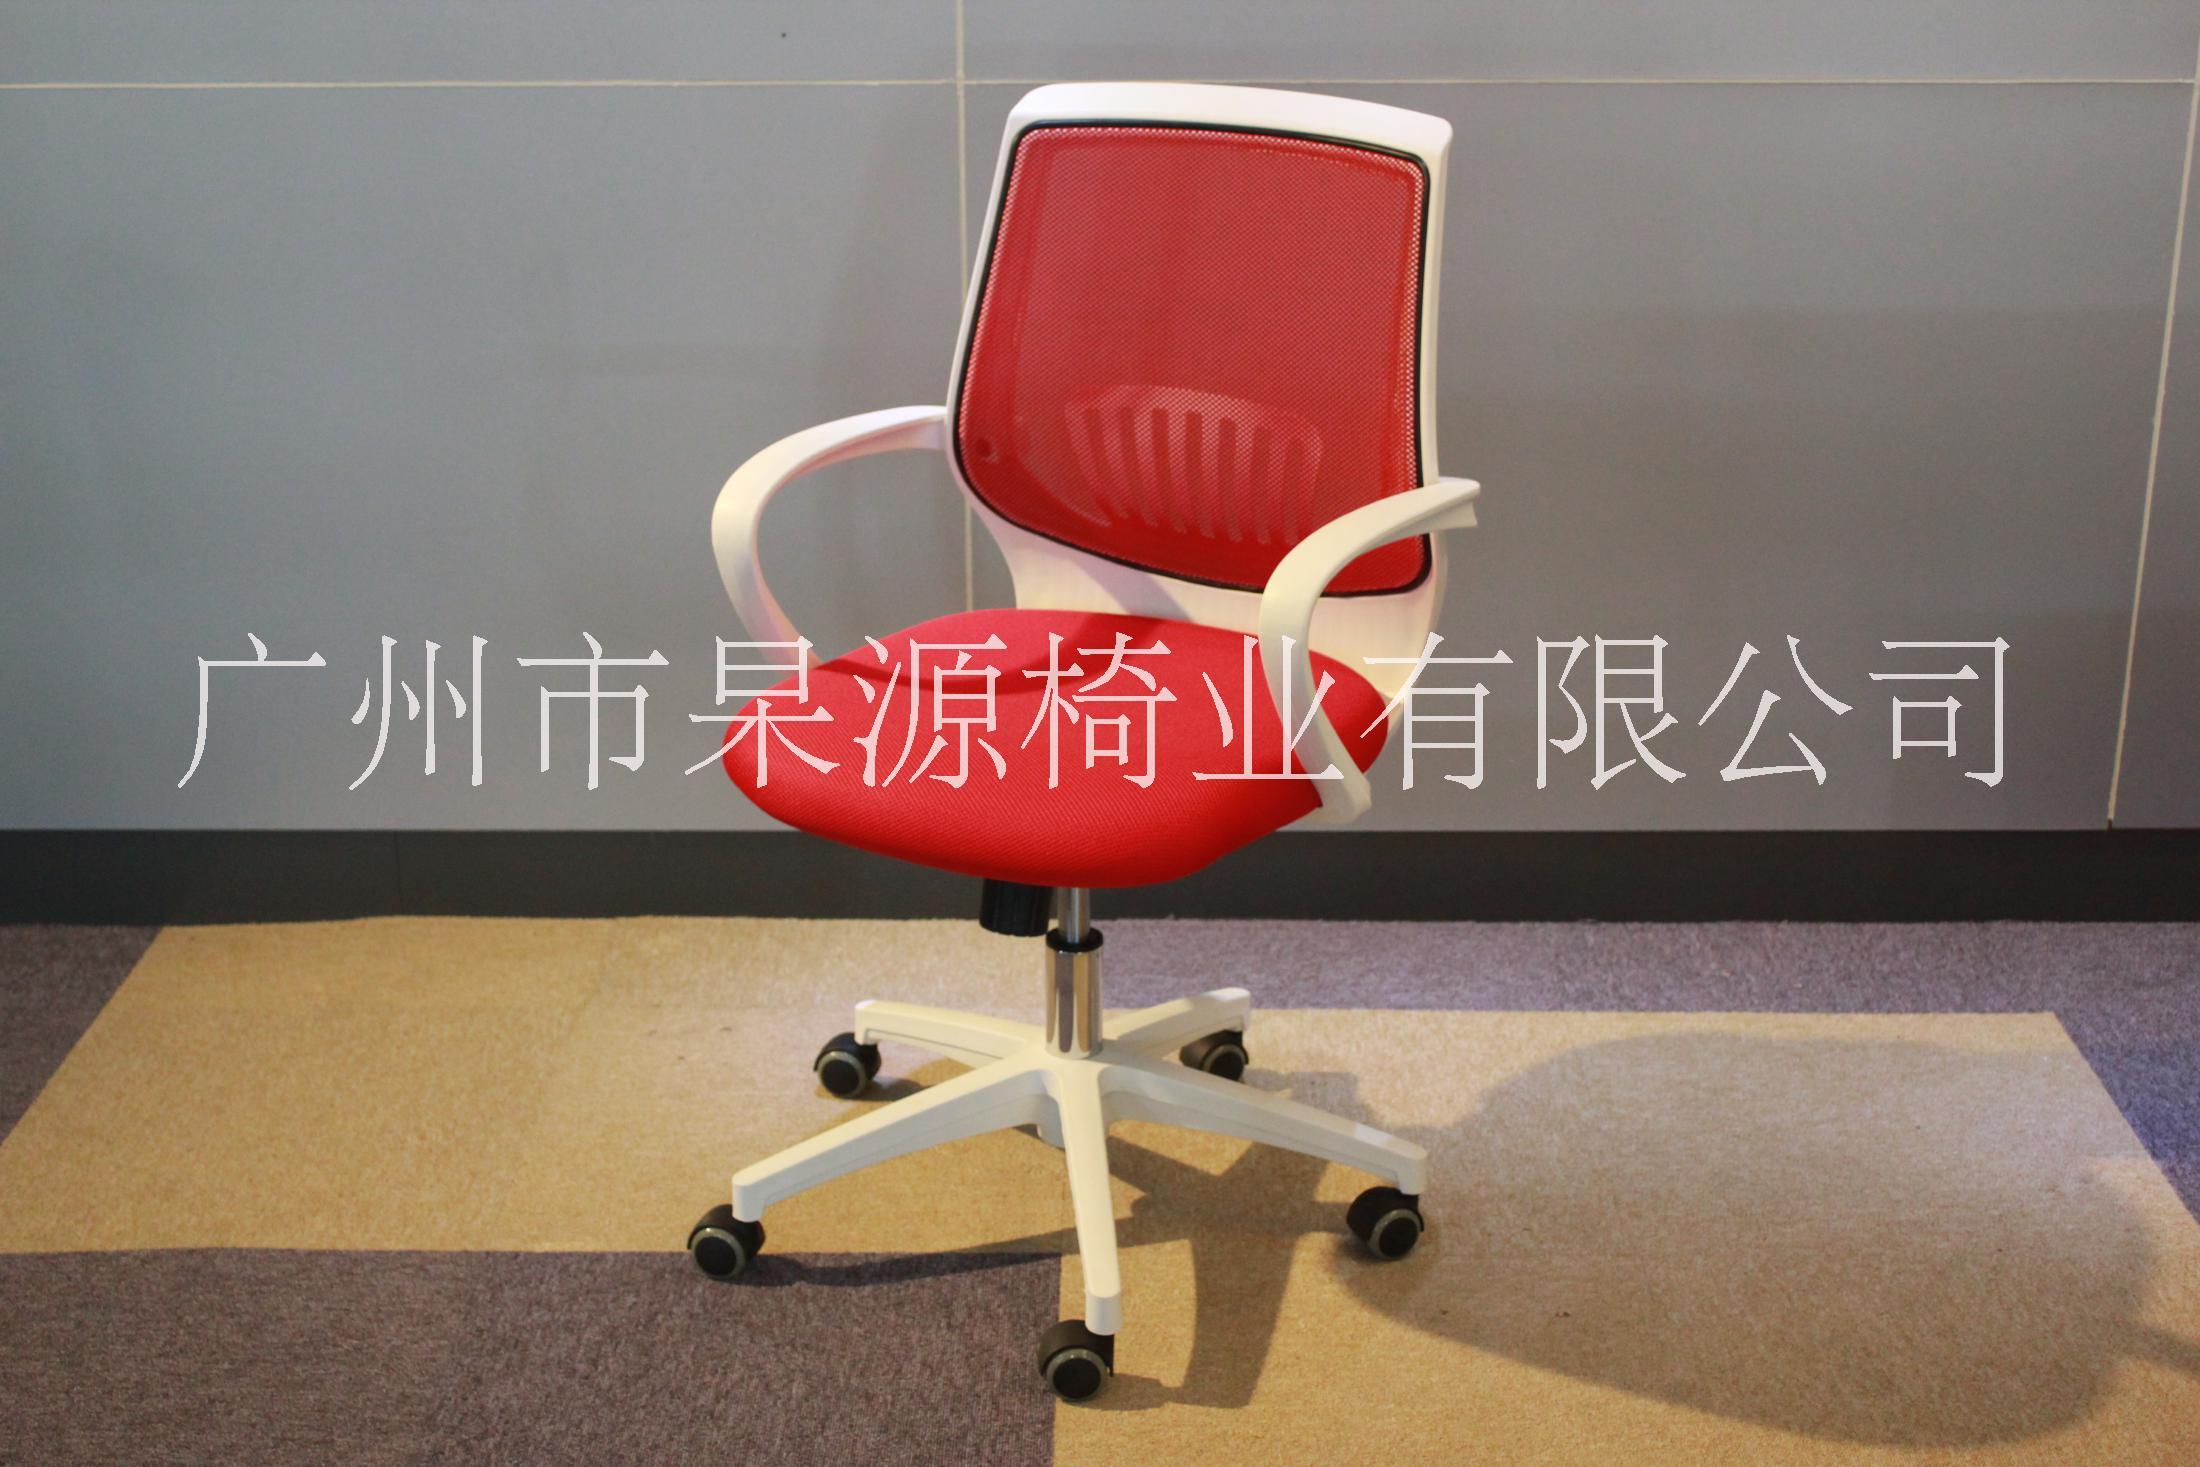 专业生产办公学校及医疗系统家具 办公家具 学校家具 医疗系统家具 疗家具